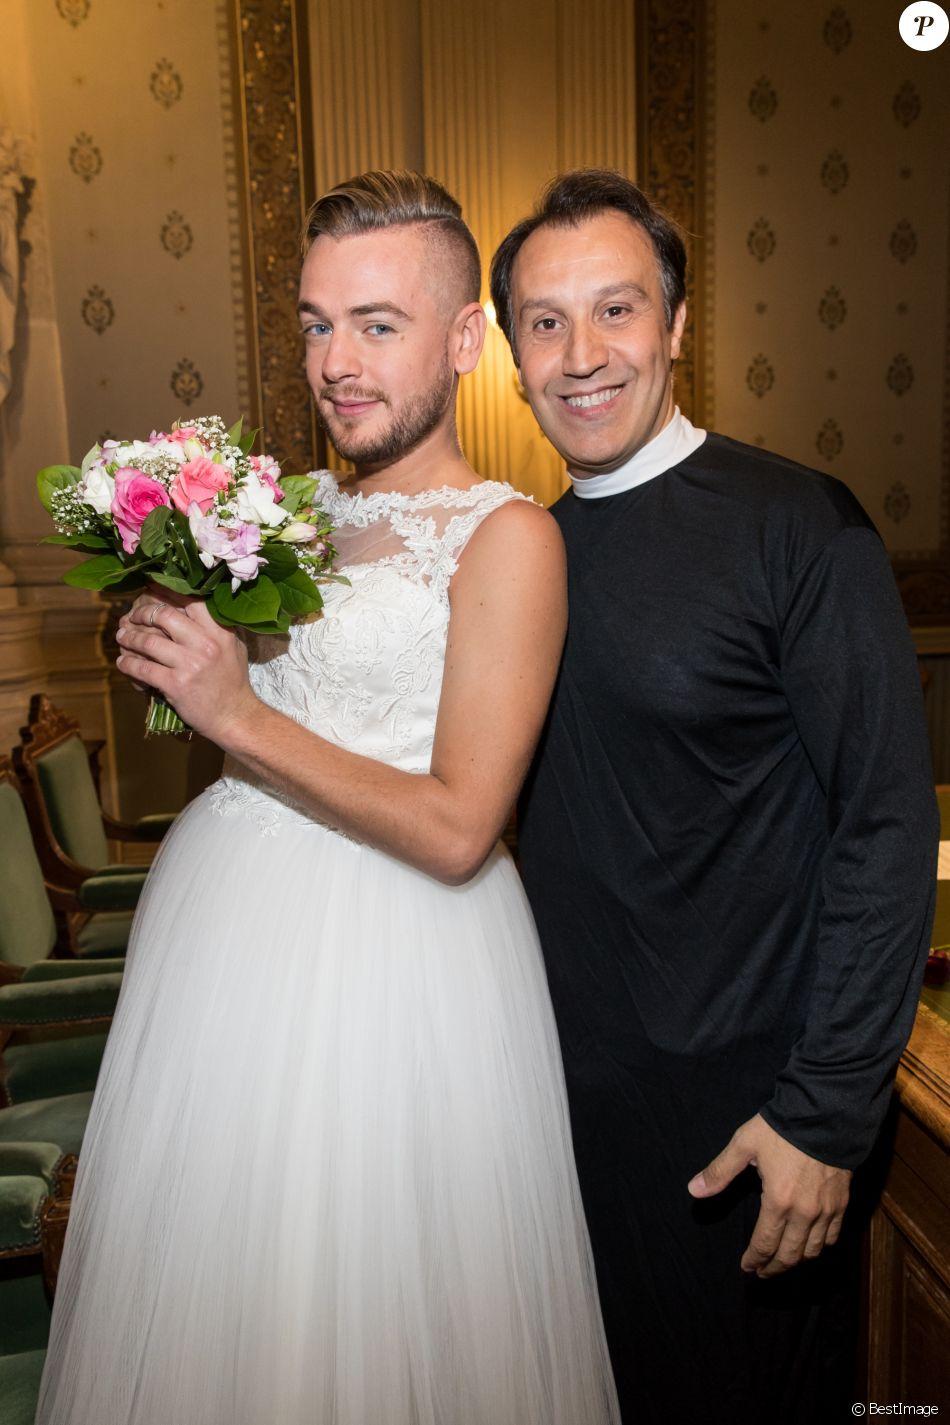 Exclusif , Jeremstar et Karim le prêtre , Le blogeur Jeremstar (Jérémy  Gisclon ) se marie avec lui même à la mairie du 1er arrondissement de Paris  le 9